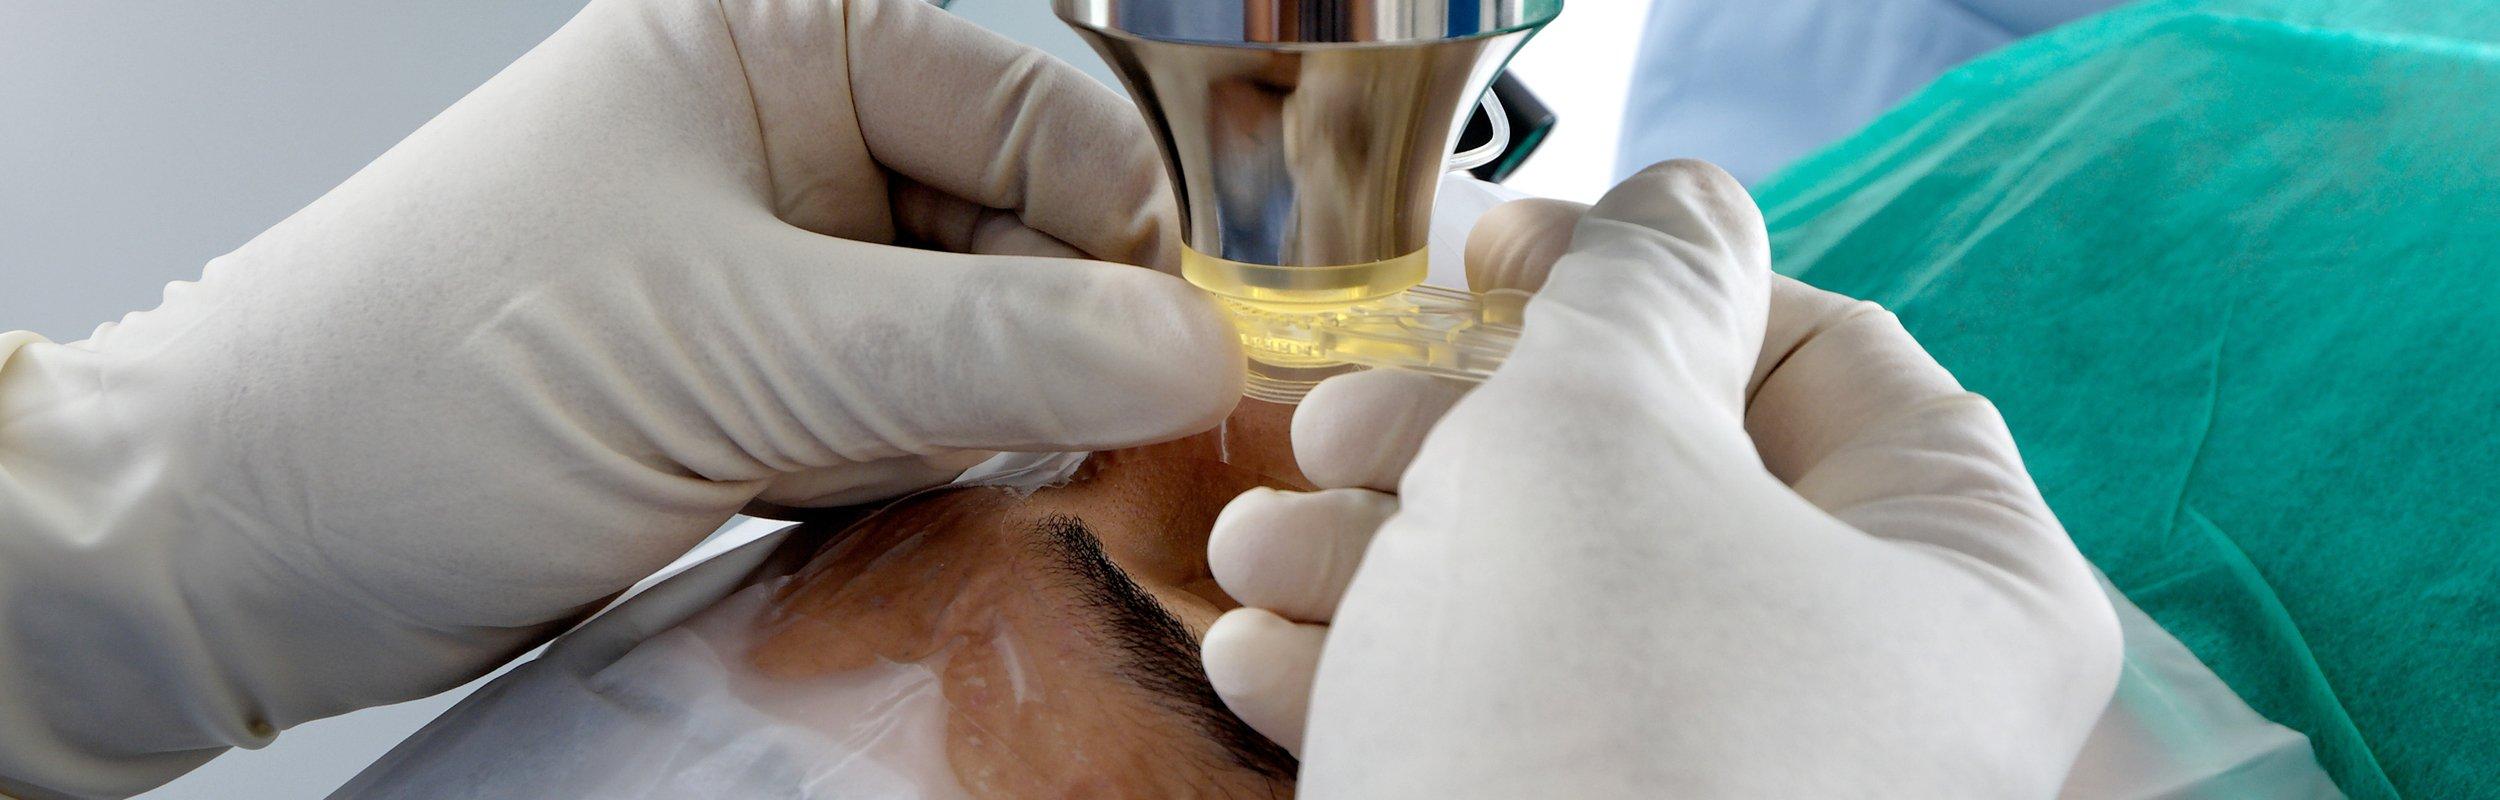 Opération laser de la myopie, l'astigmatisme, l'hypermétropie et la presbytie